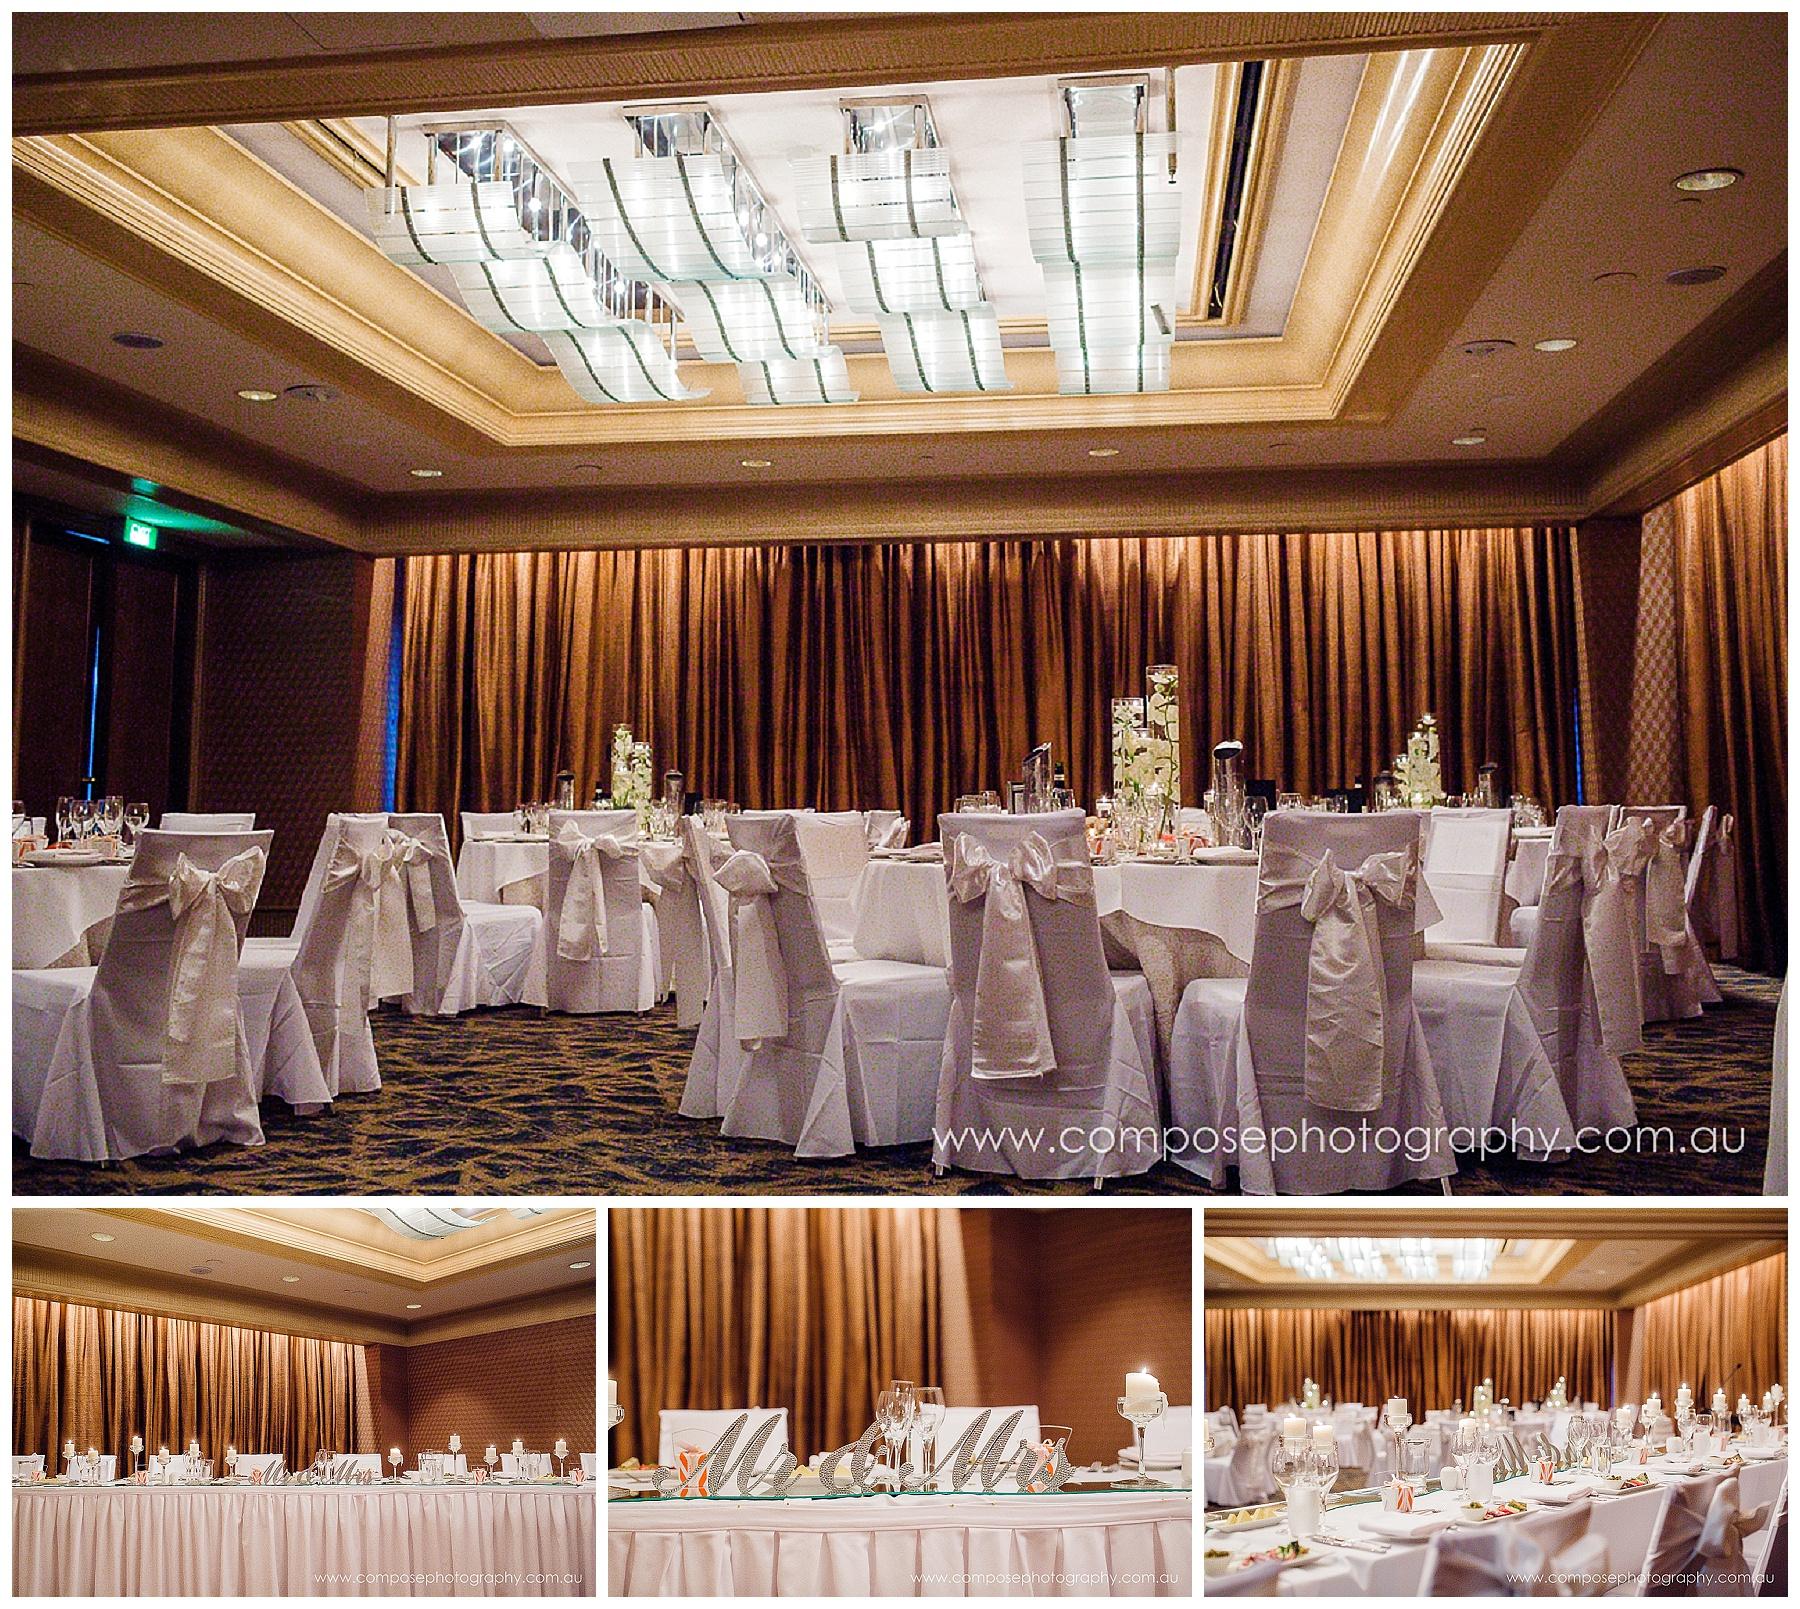 hyatt ballroom wedding